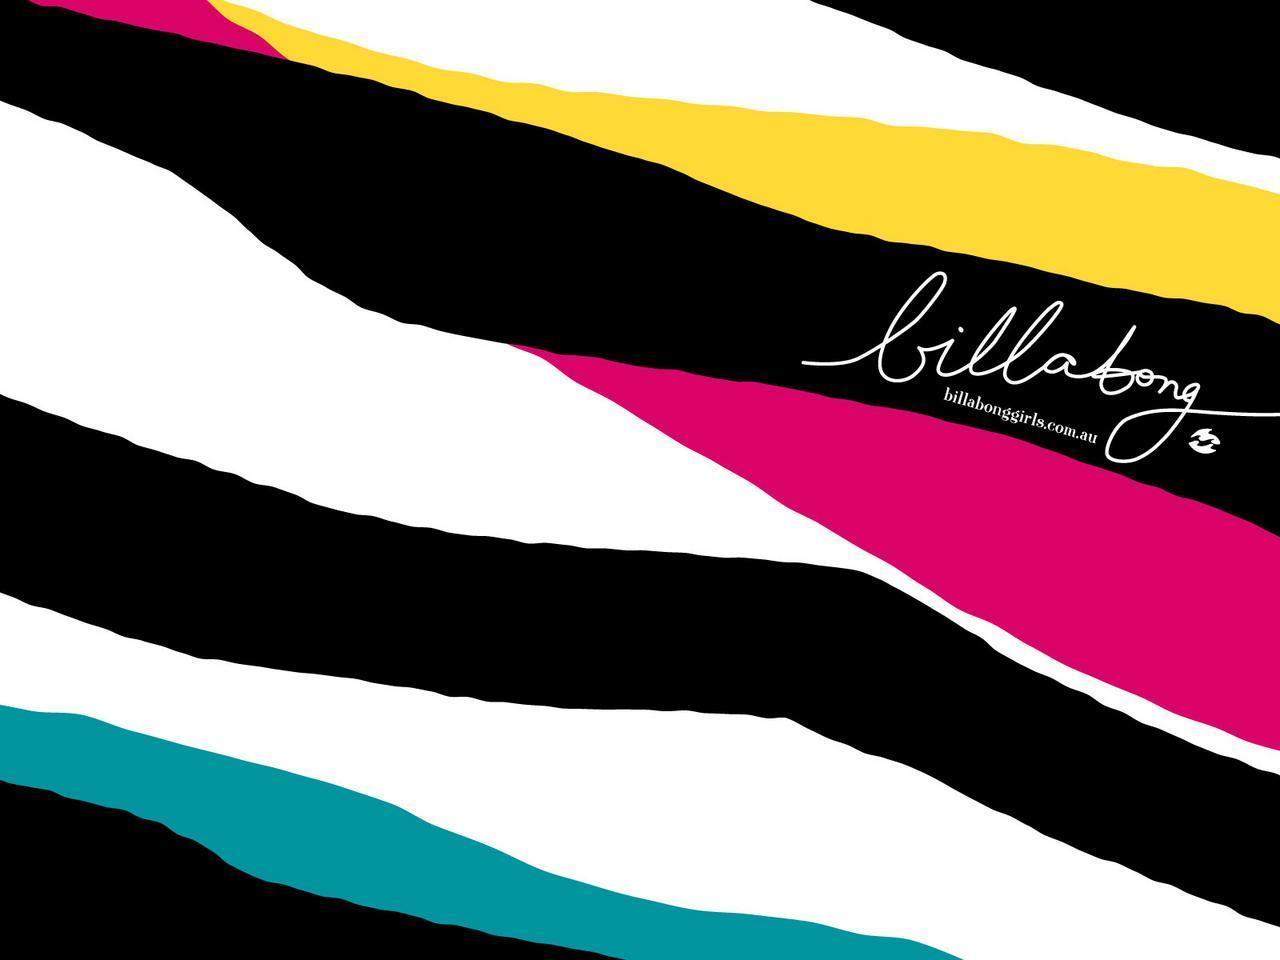 Billabong Wallpaper Billabong bill 1280x960